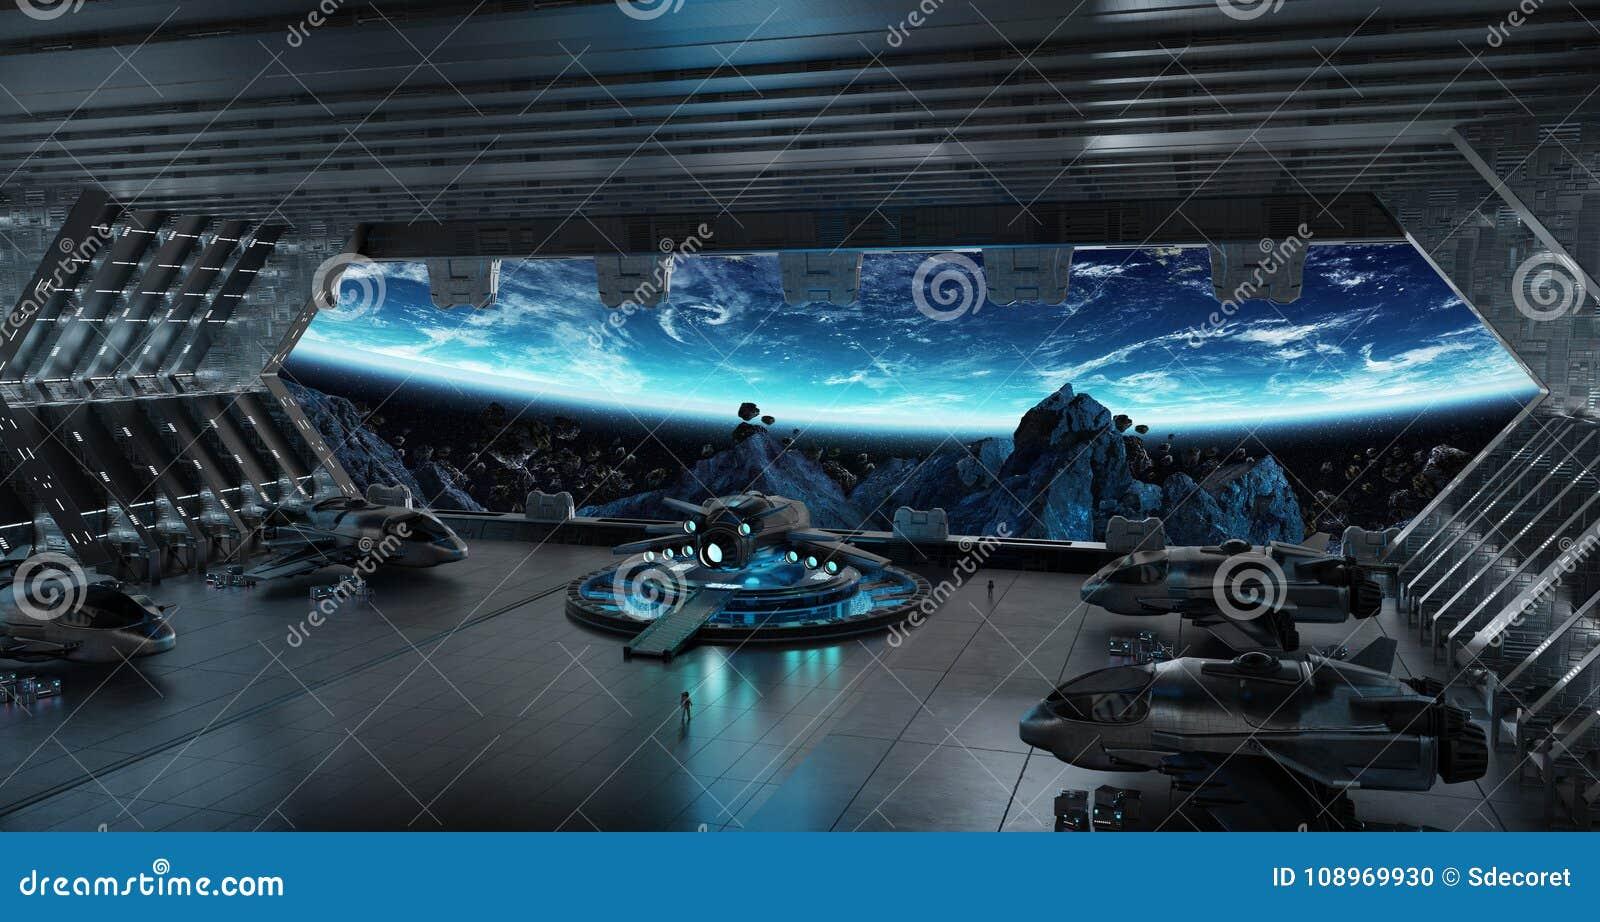 Interior De Ventana De Nave Espacial: Elementos Interiores De La Representación 3D De La Nave